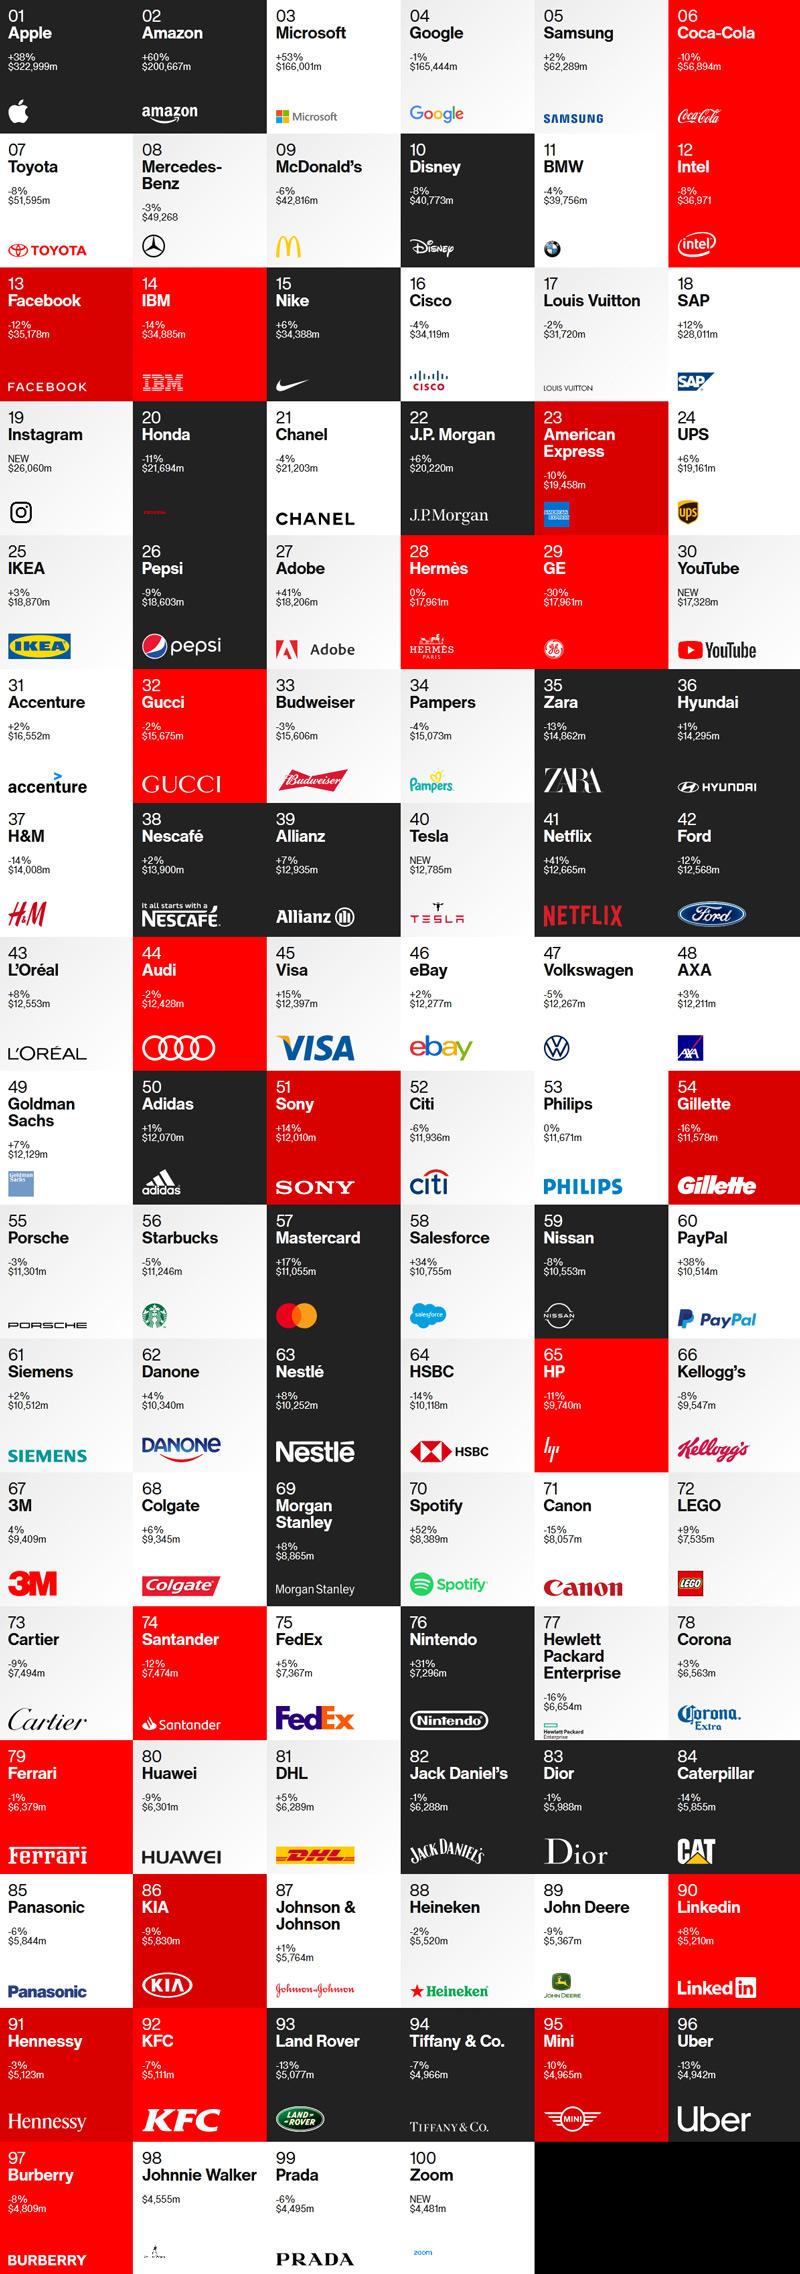 100 แบรนด์ที่มีมูลค่ามากที่สุด ในโลก 2020 Interbrand Best Global Brand 2020 2563